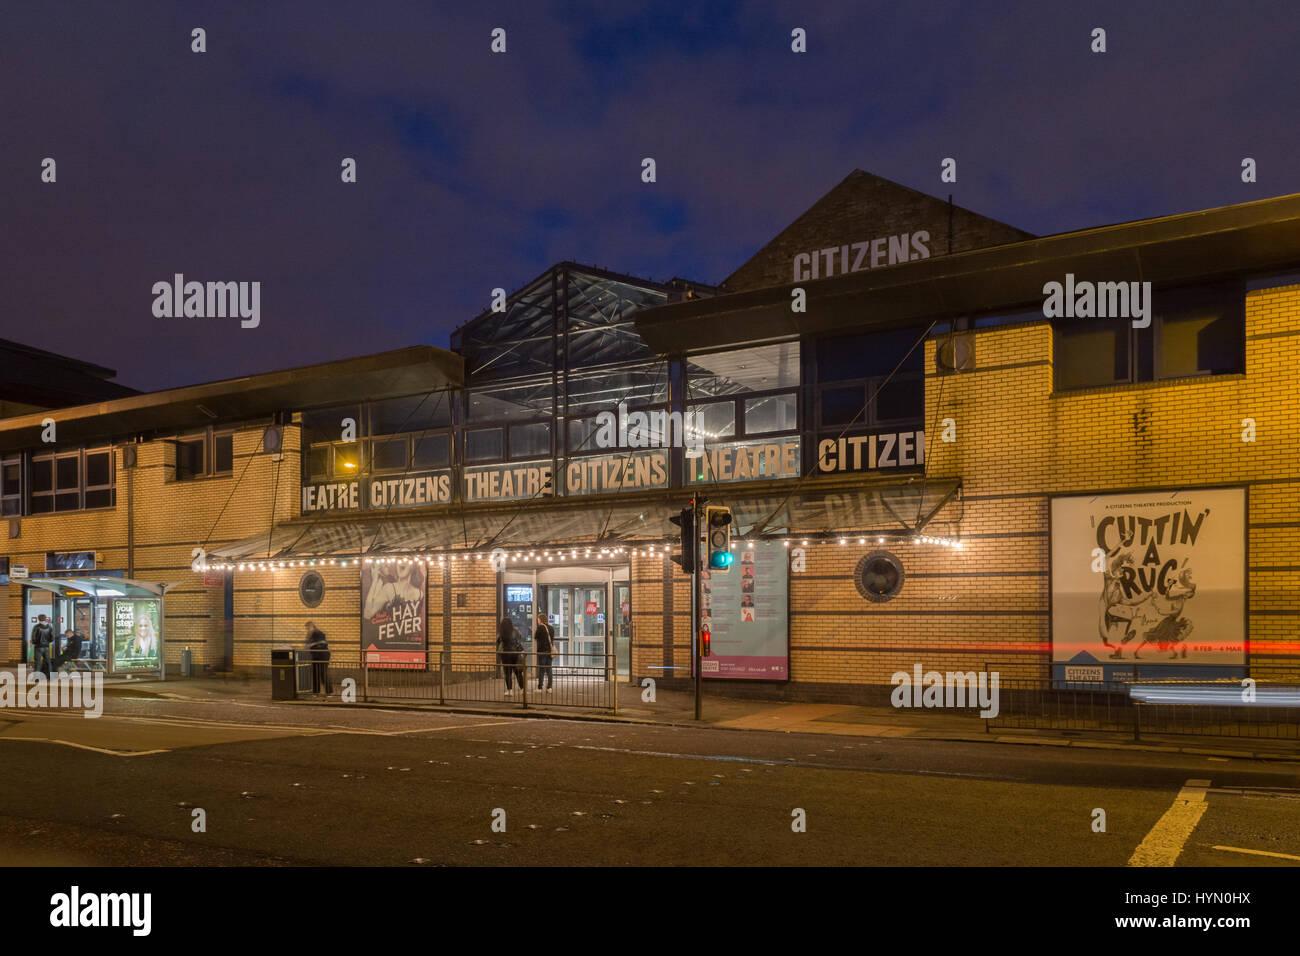 Bürgerinnen und Bürger Theatre Glasgow Schottland in der Nacht Stockbild